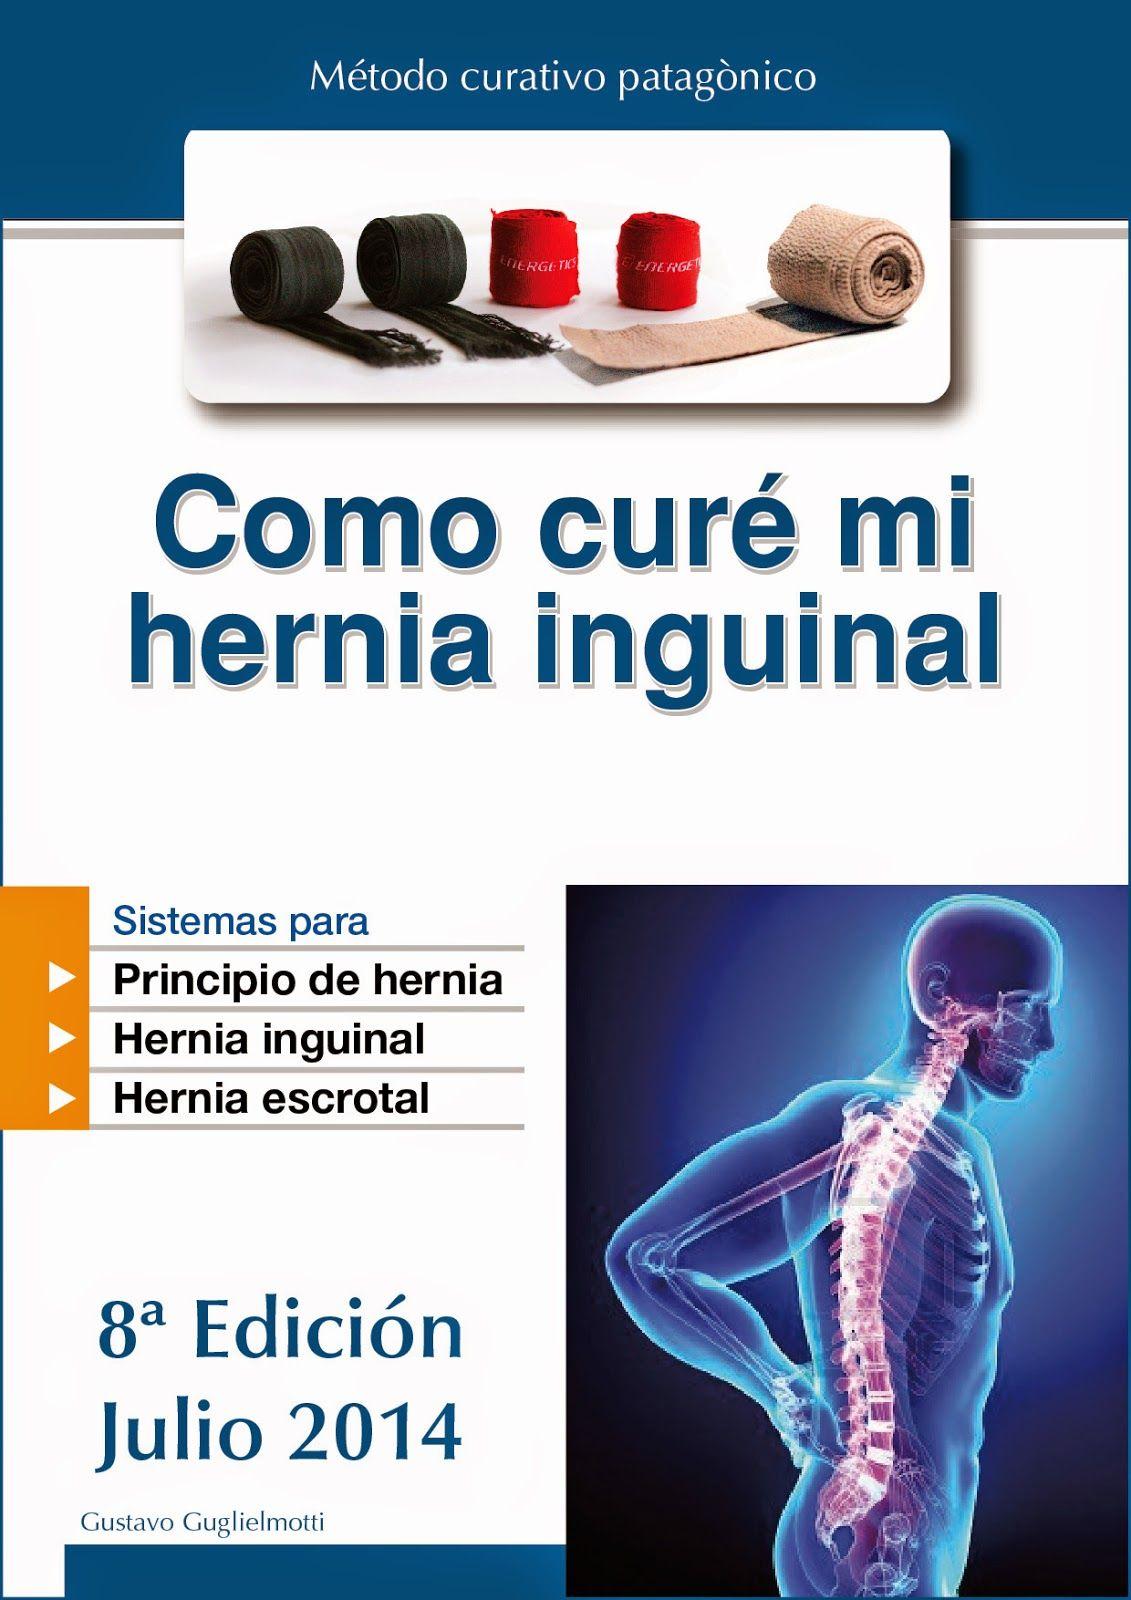 Blog Sobre Hernia Inguinal Curar Sin Cirugía La Hernia Inguinal Cerrar Hernia Inguinal Autocuración Cura Natural Hernia Esc Hernia Salud Y Bienestar Curar